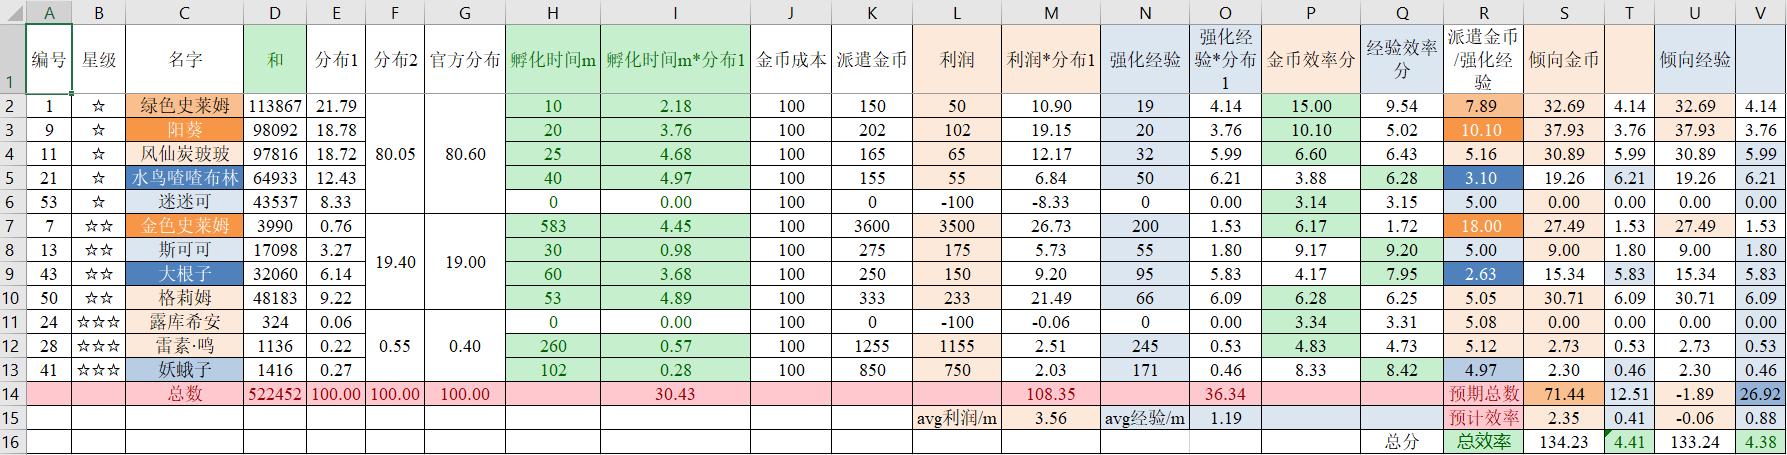 A1.1地区收益表便携版.png